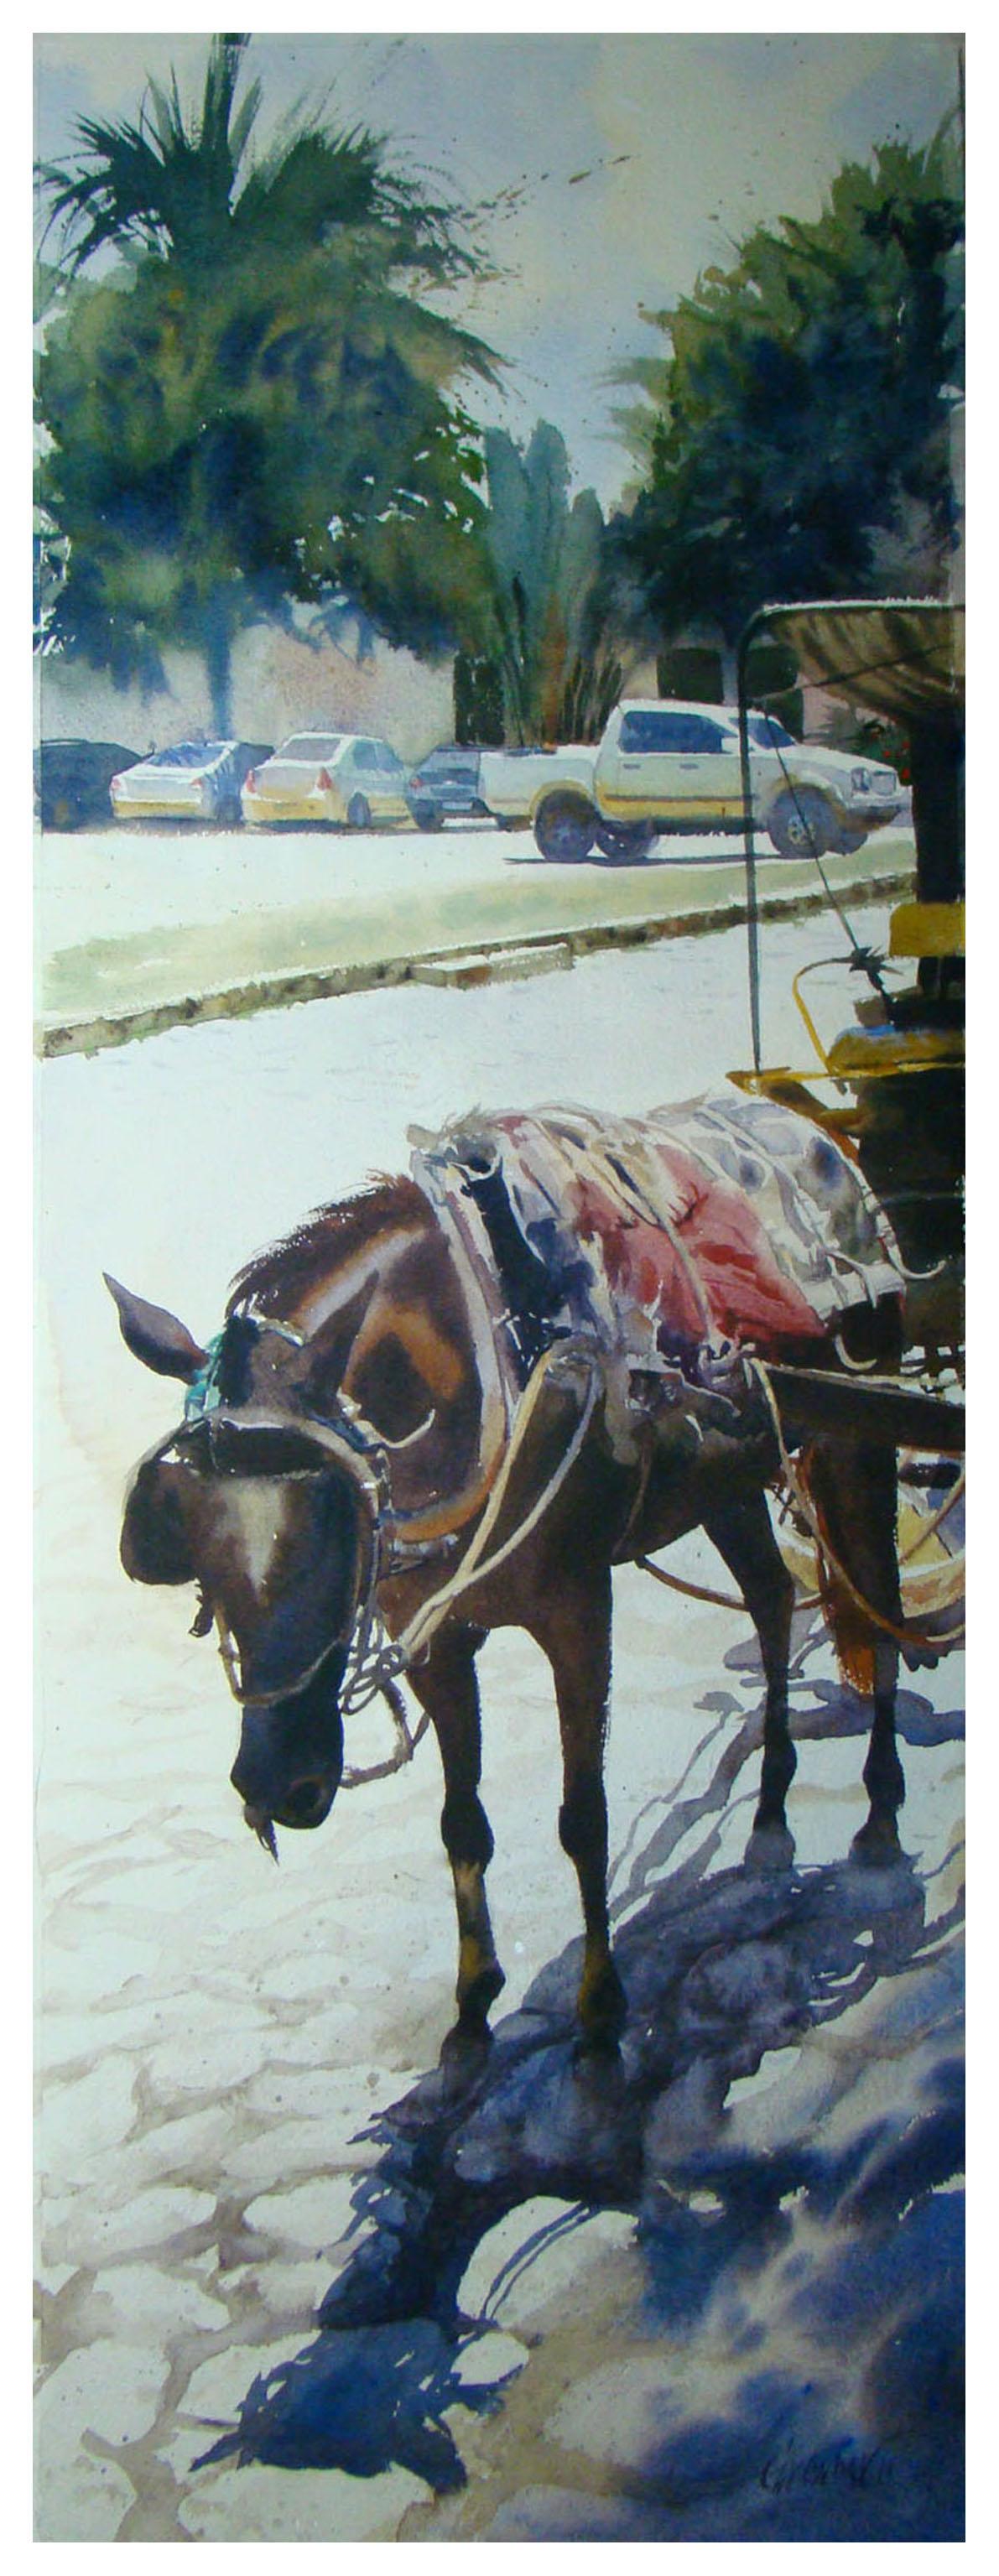 Cavalo na praça / Paraty